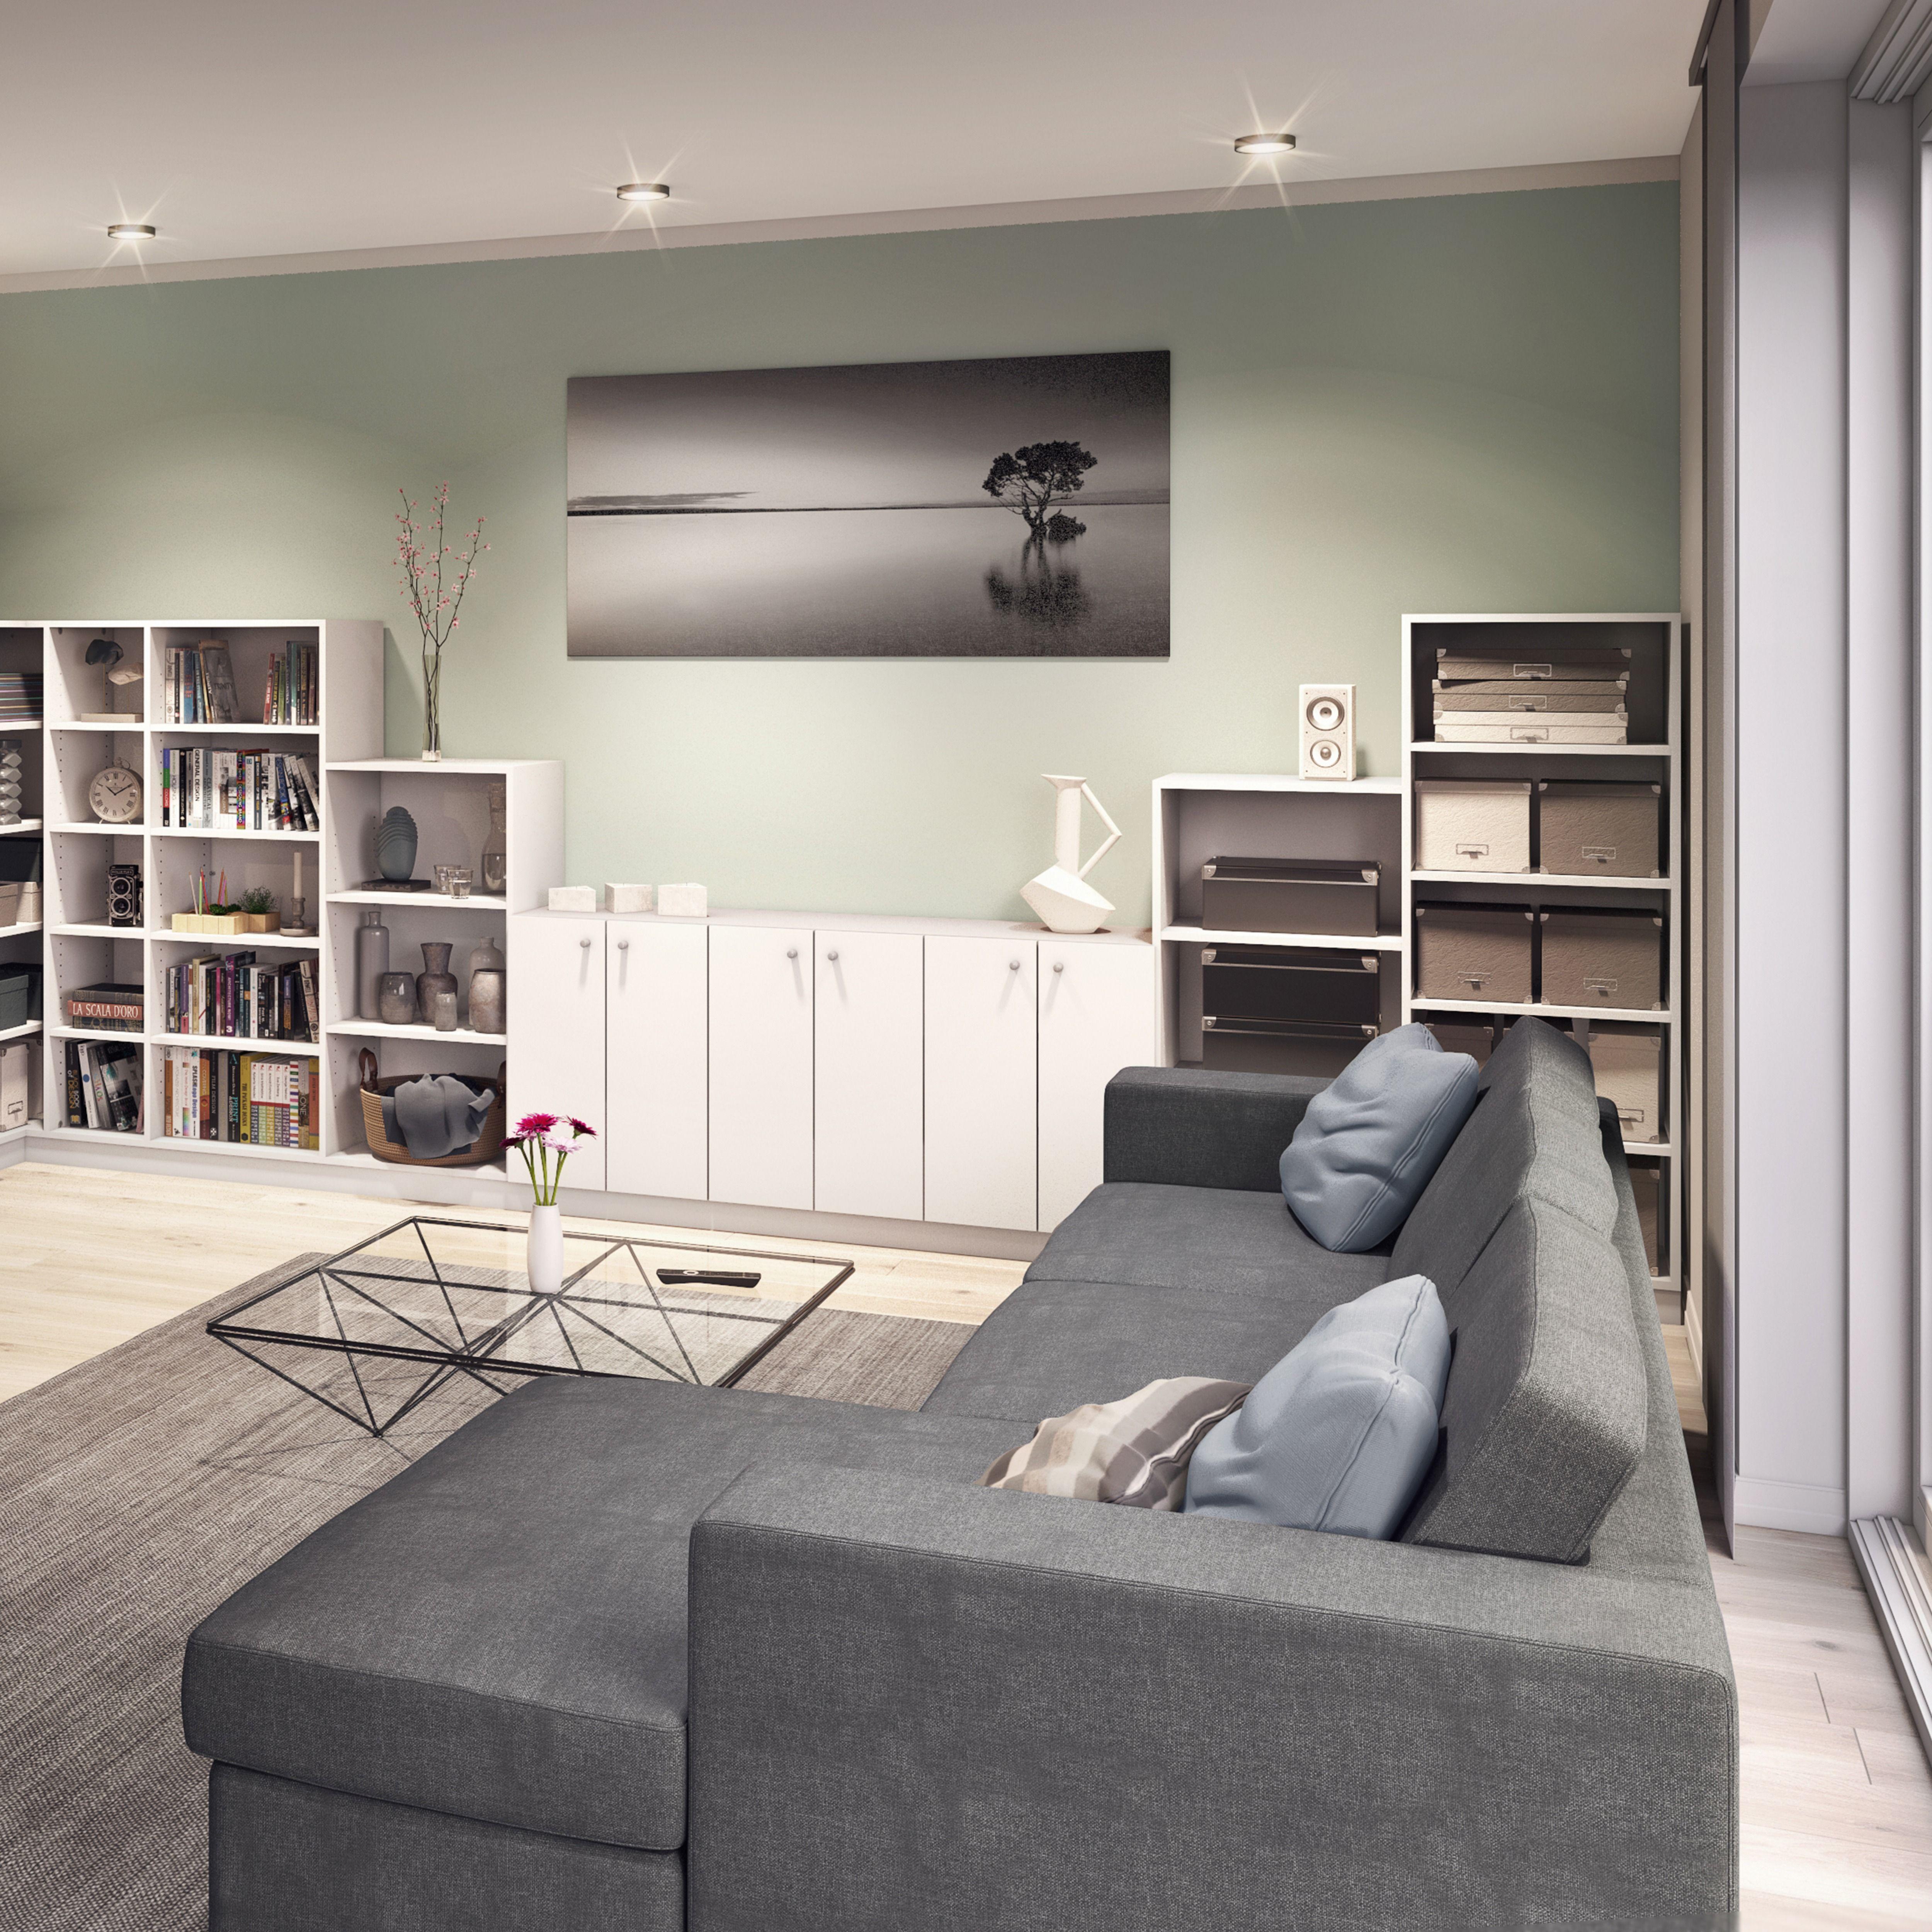 Die Sofa Kollektion Munchen Bietet Auch Sofas Mit Longchair Zum Gemutlichen Entspannen Mit Deinen Liebsten Haus Deko Sofas Sofa